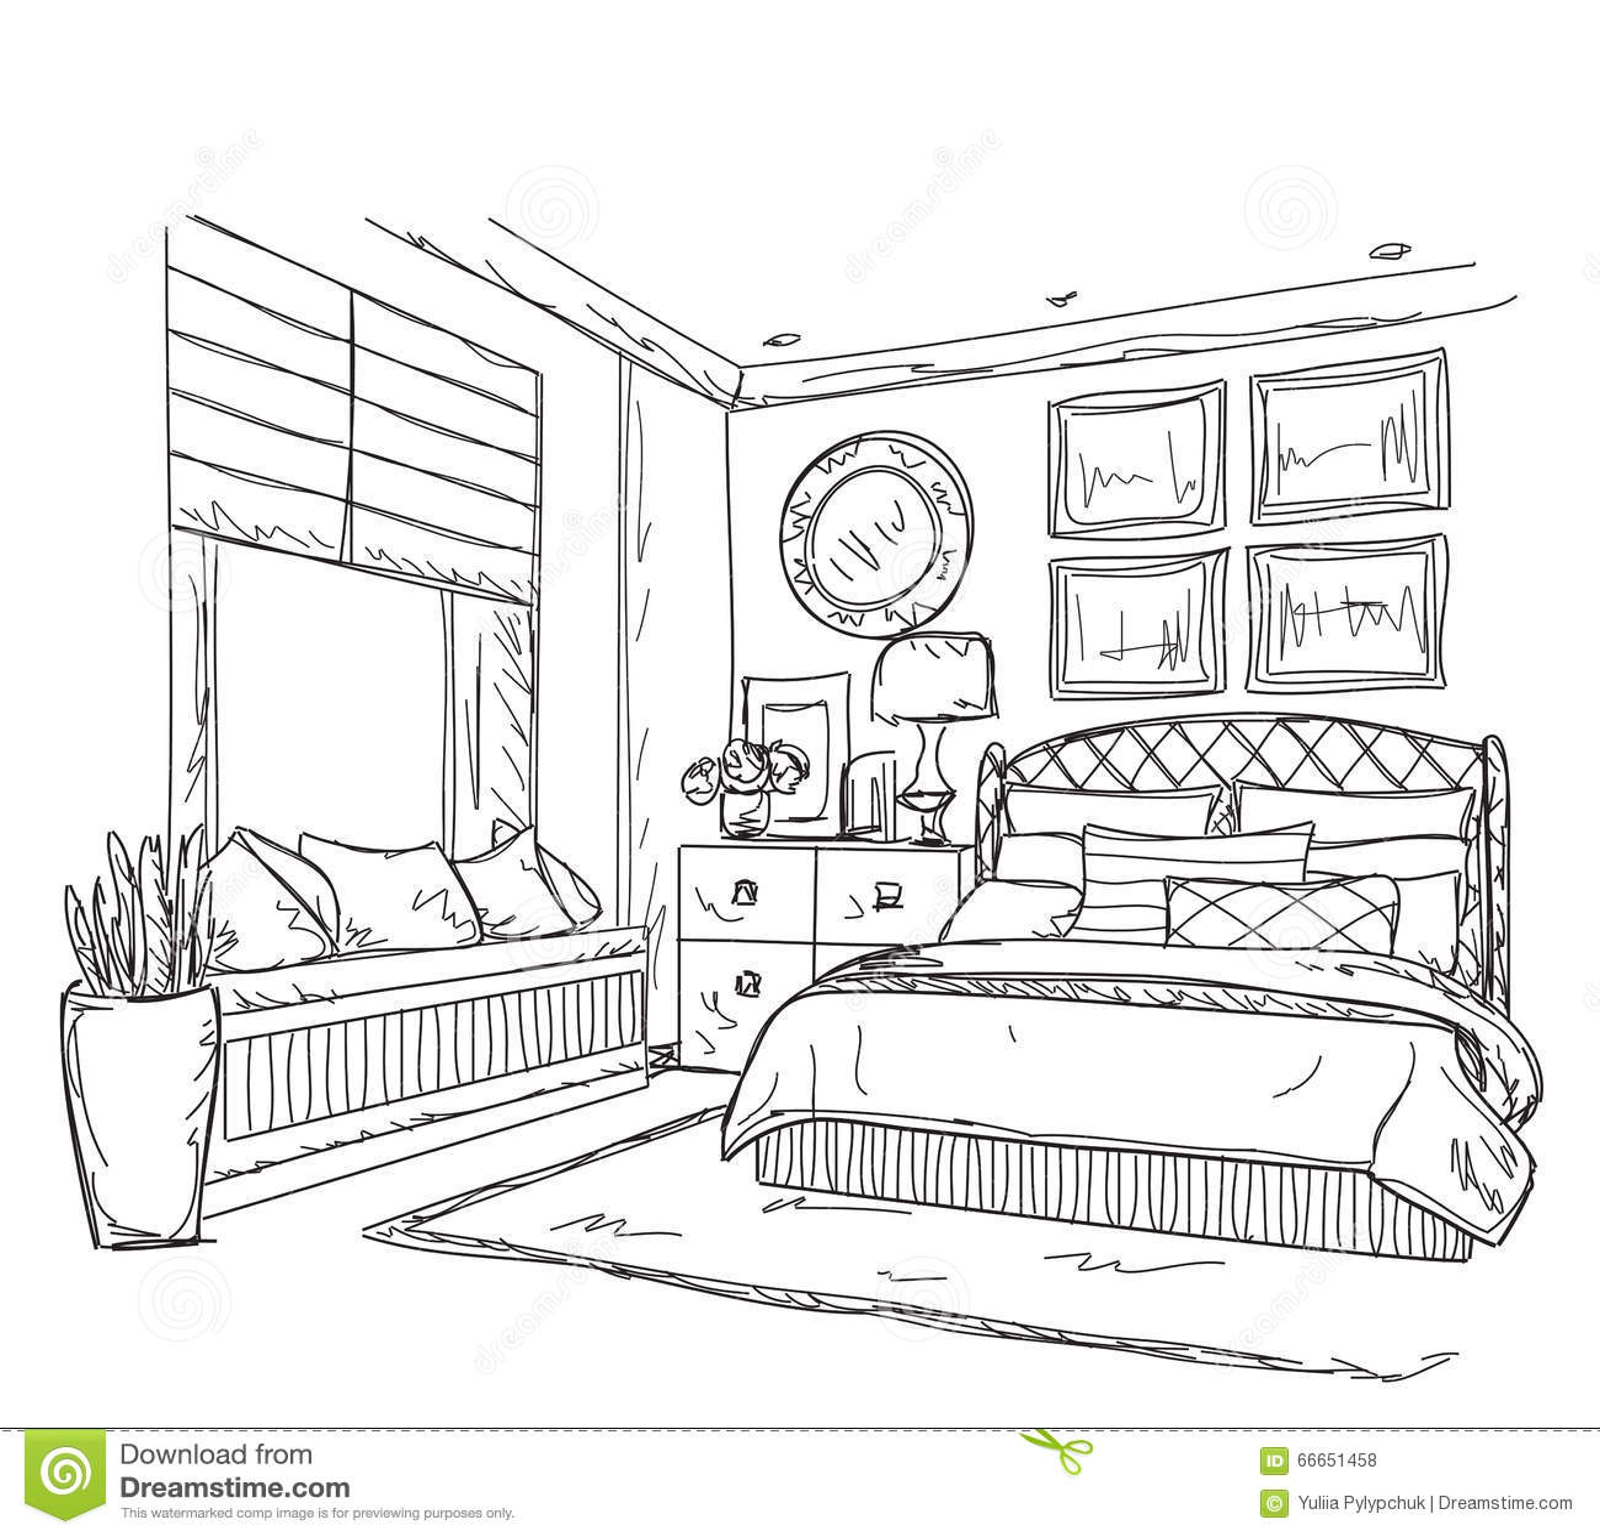 E Dessin Chambre : Dessin intérieur moderne de chambre à coucher illustration